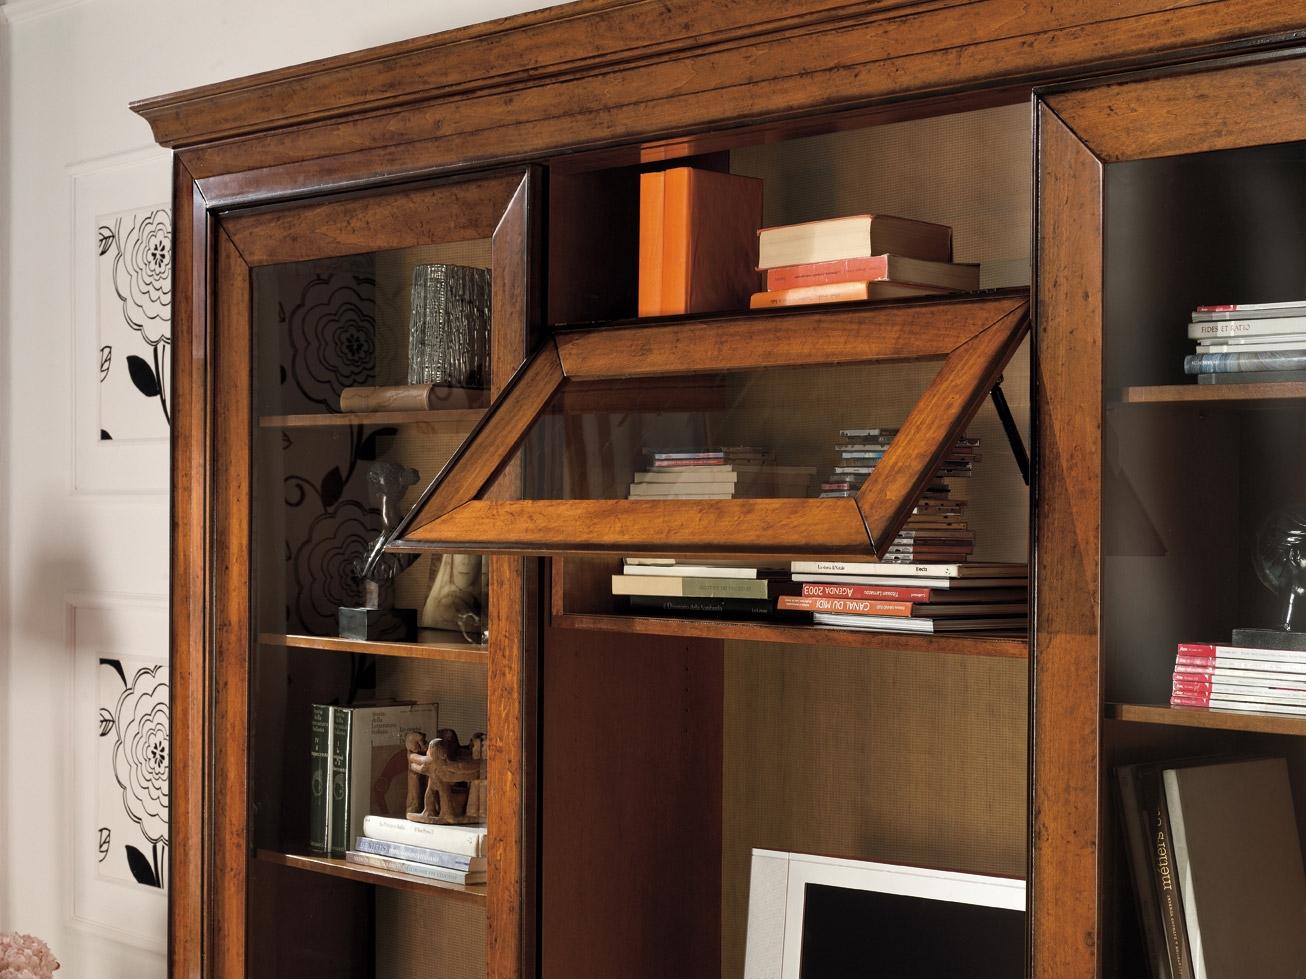 Soggiorno libreria ante scorrevoli intarsiate scontato del - Mobili soggiorno legno massello ...